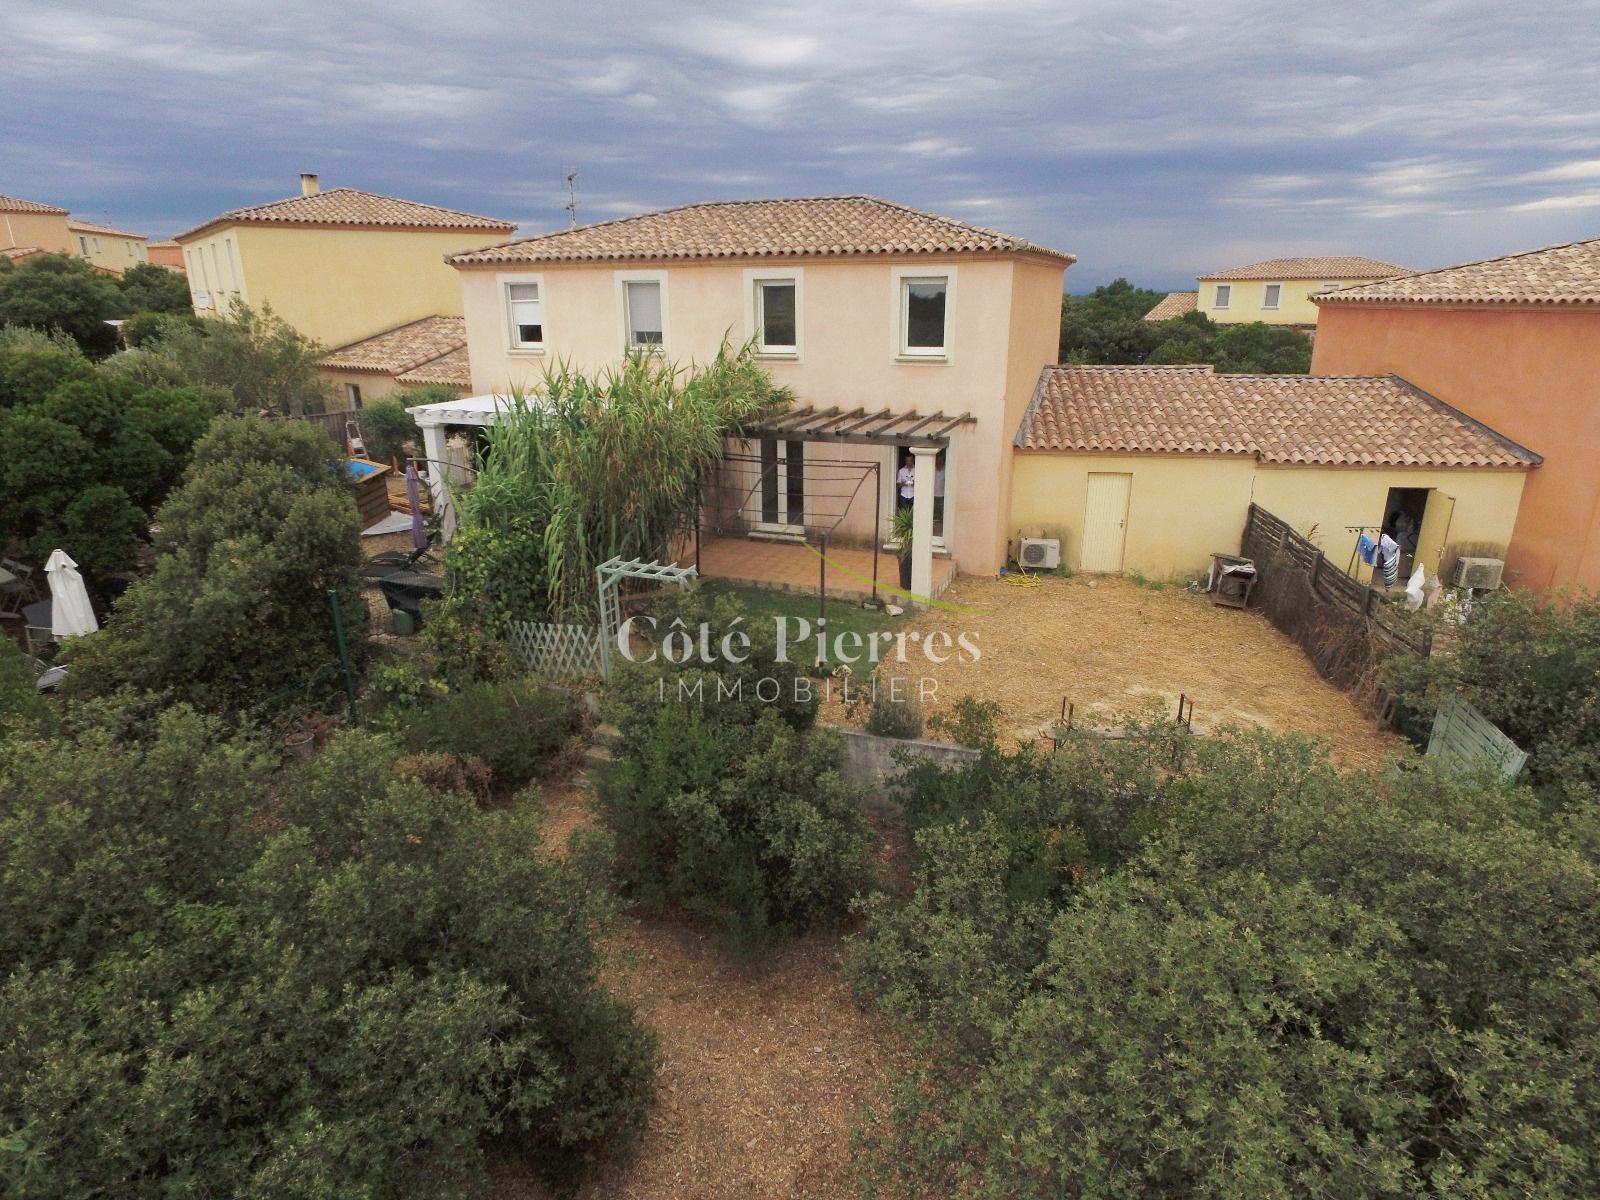 Annonce maison villa 4 pieces nimes vente - Jardin maison minecraft nimes ...